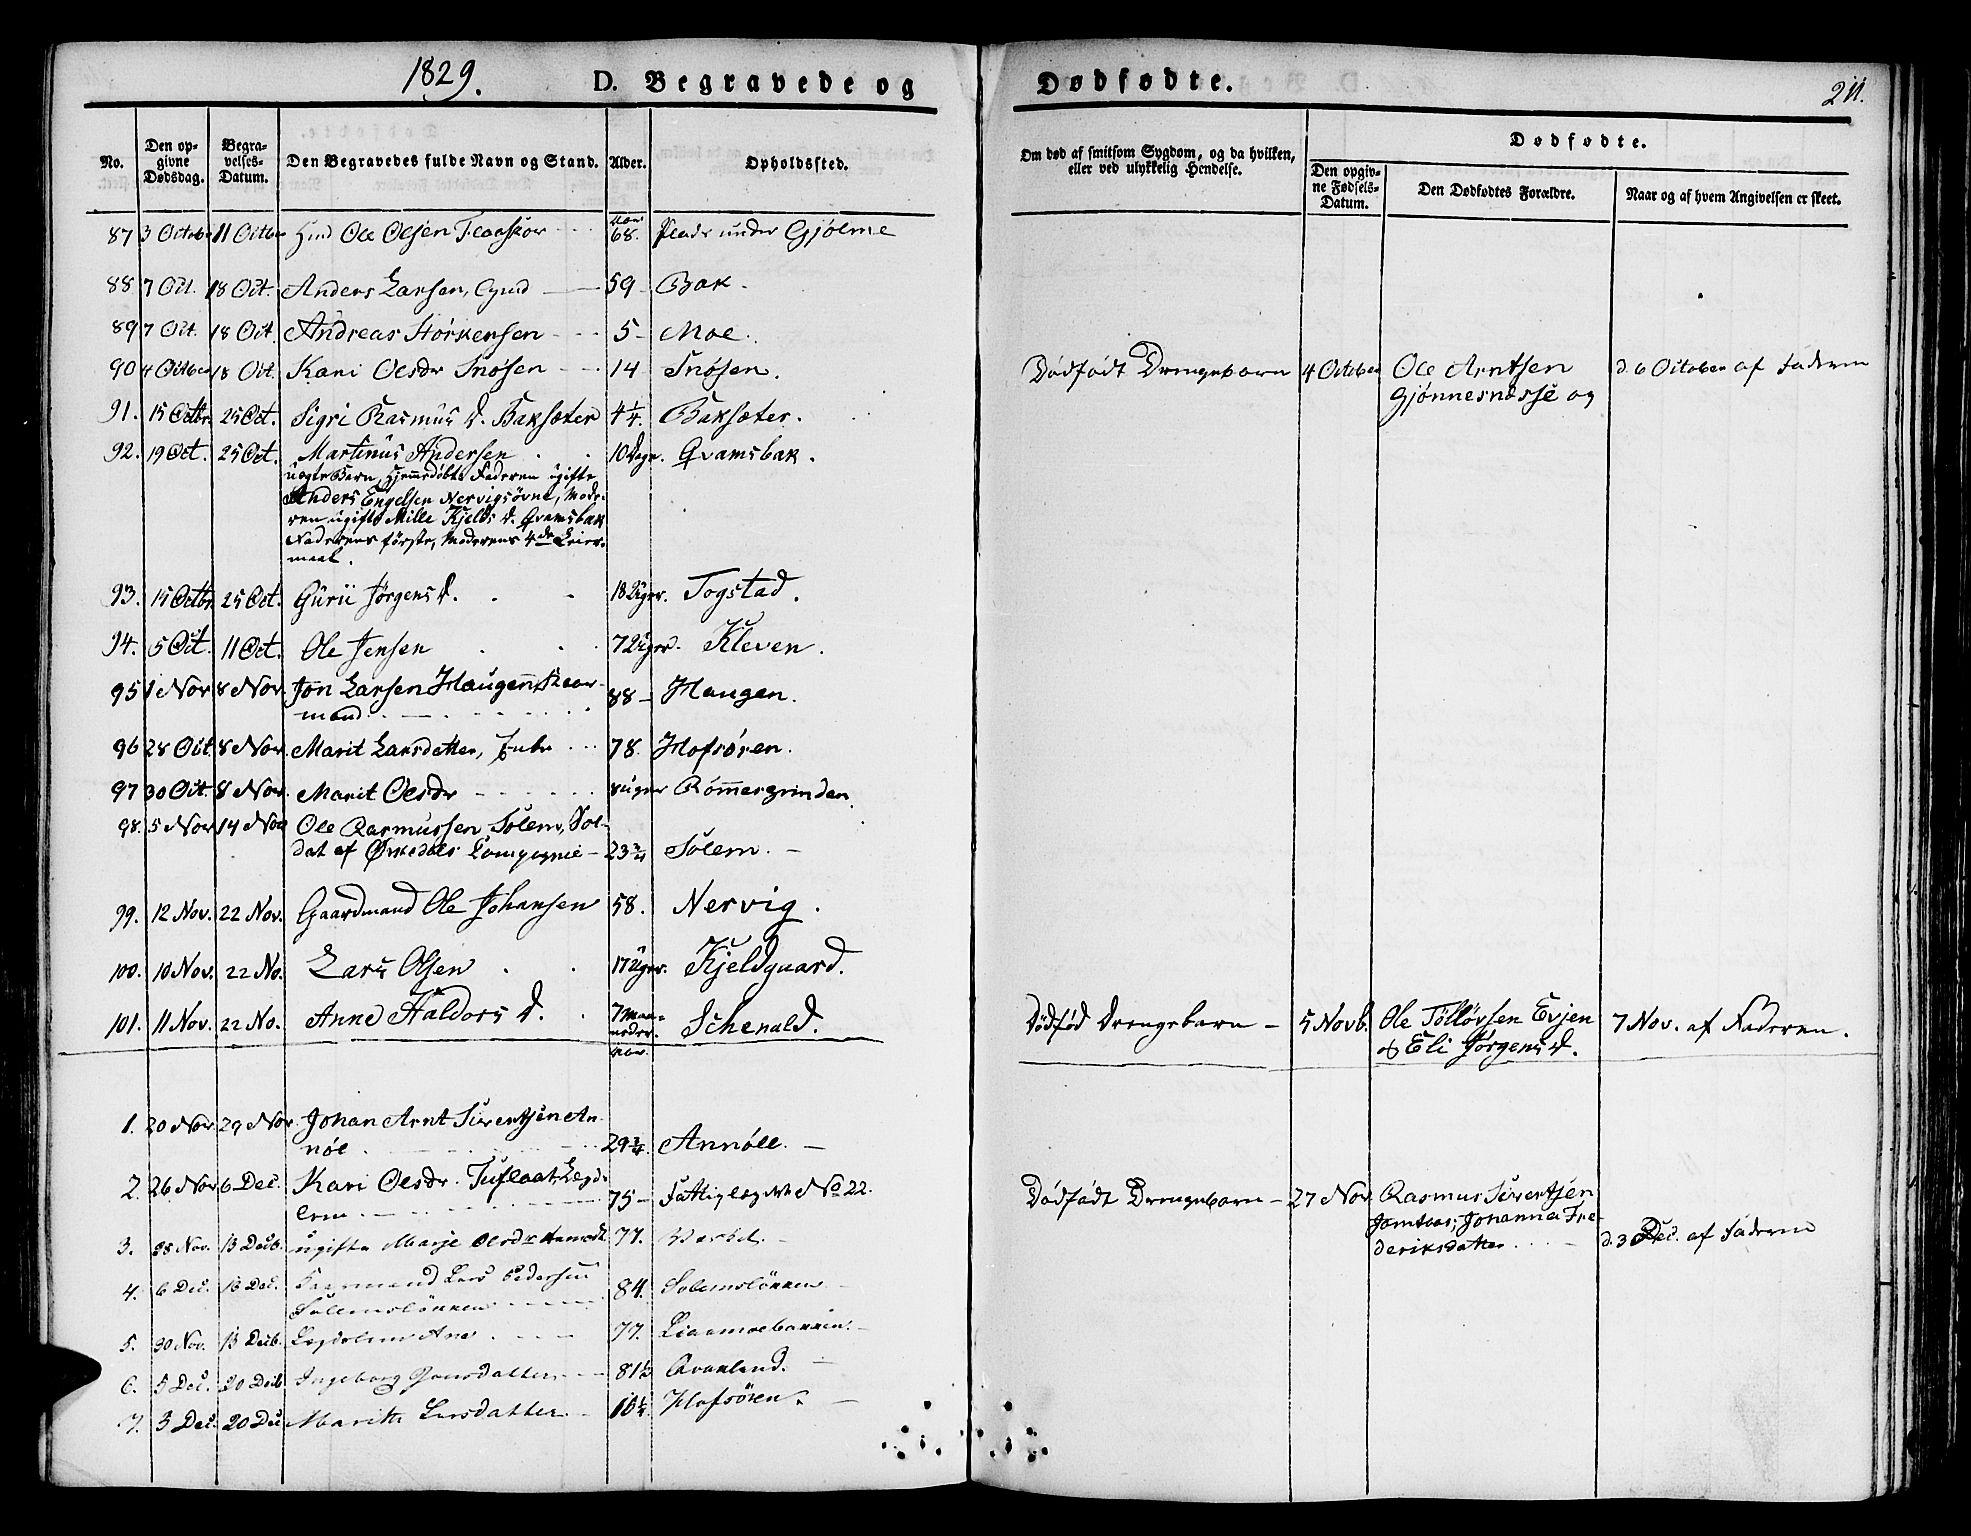 SAT, Ministerialprotokoller, klokkerbøker og fødselsregistre - Sør-Trøndelag, 668/L0804: Ministerialbok nr. 668A04, 1826-1839, s. 211